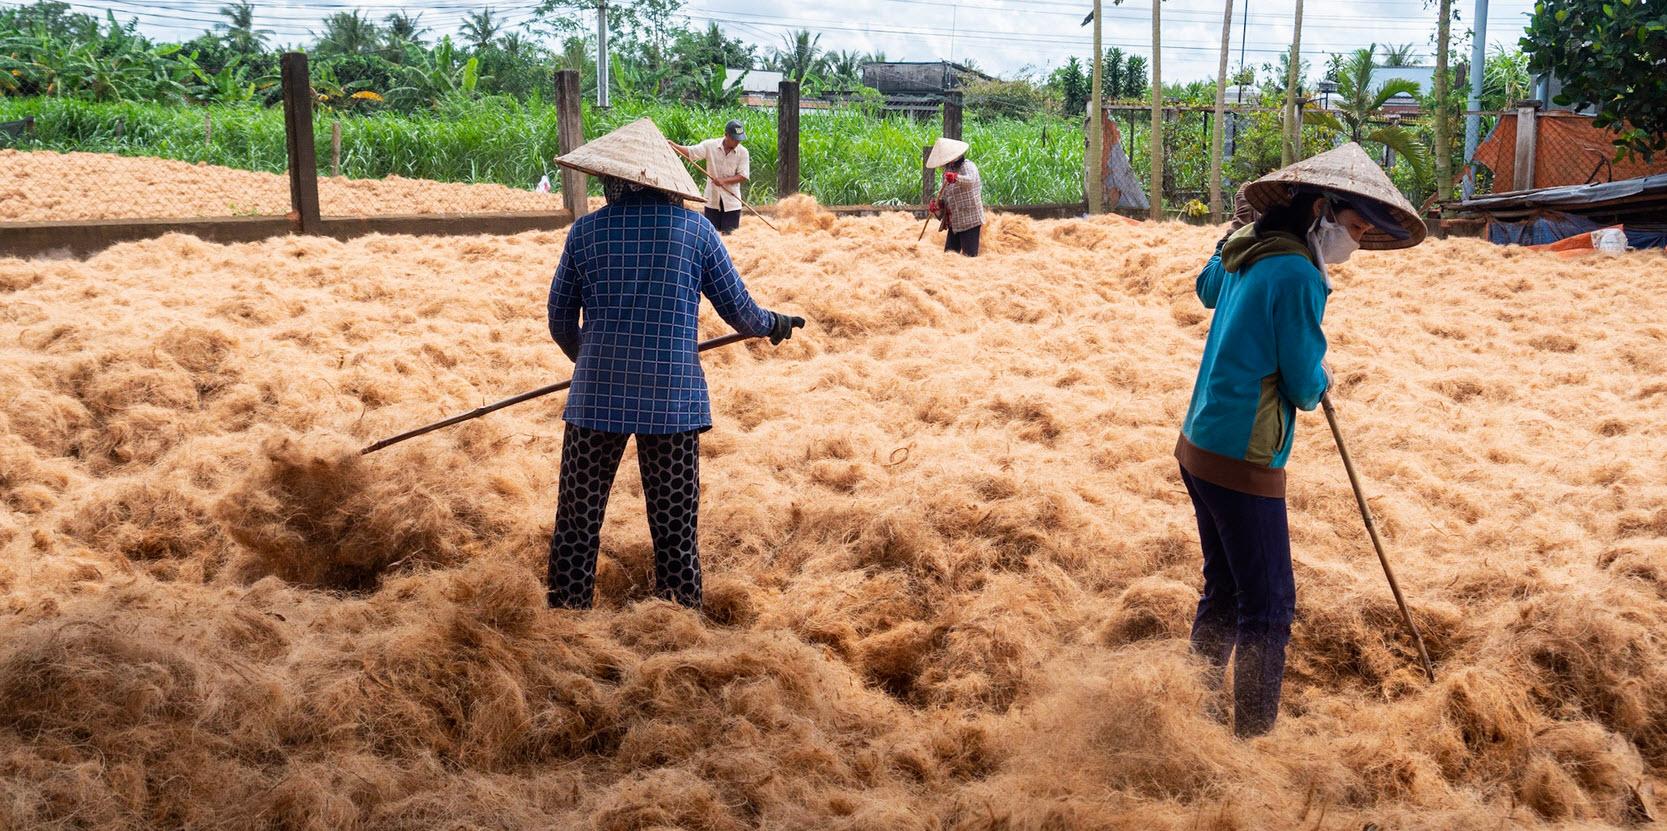 Cycling mekong delta BenTre - coconut fiber